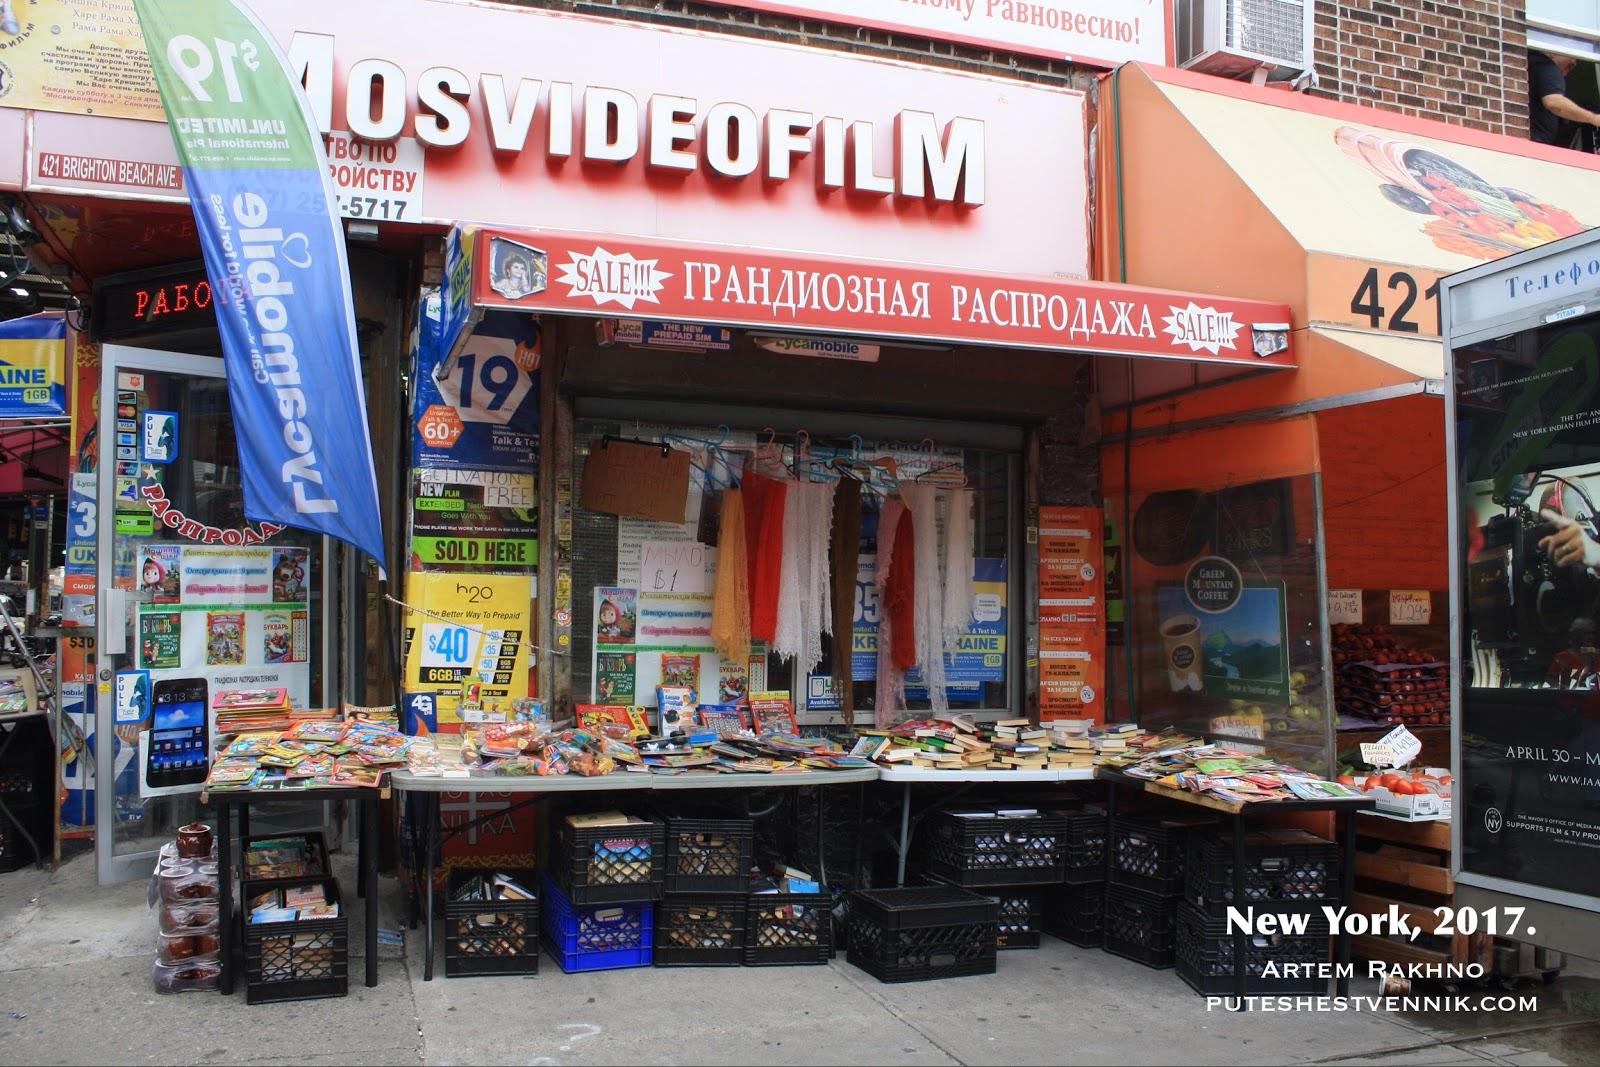 Продажа книг в русском районе Нью-Йорка